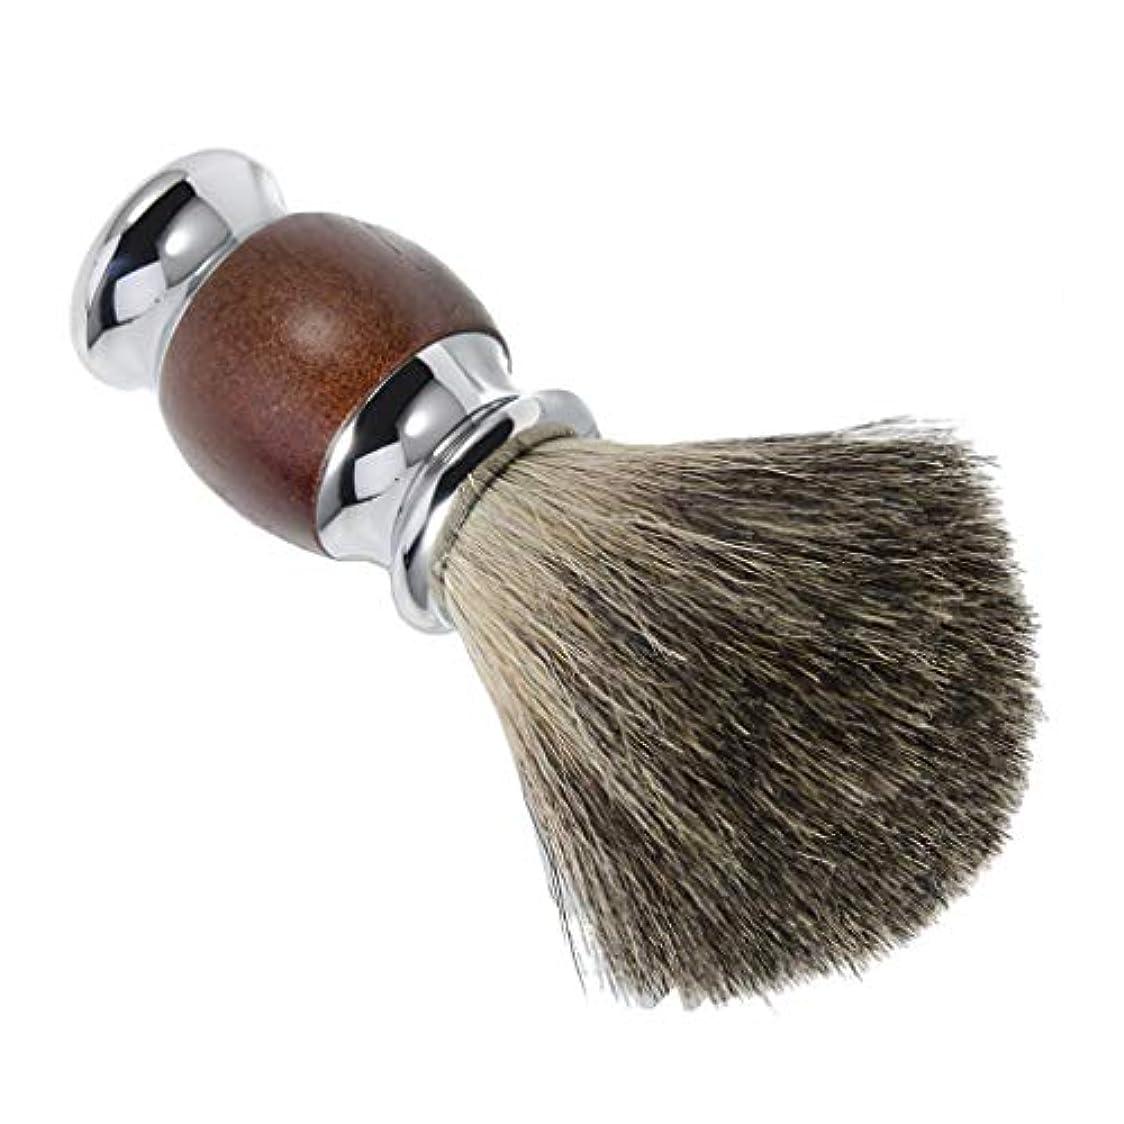 すずめ誇りに思う刈るシェービング用ブラシ 木製ハンドル メンズ 理容 洗顔 髭剃り 泡立ち 贈り物